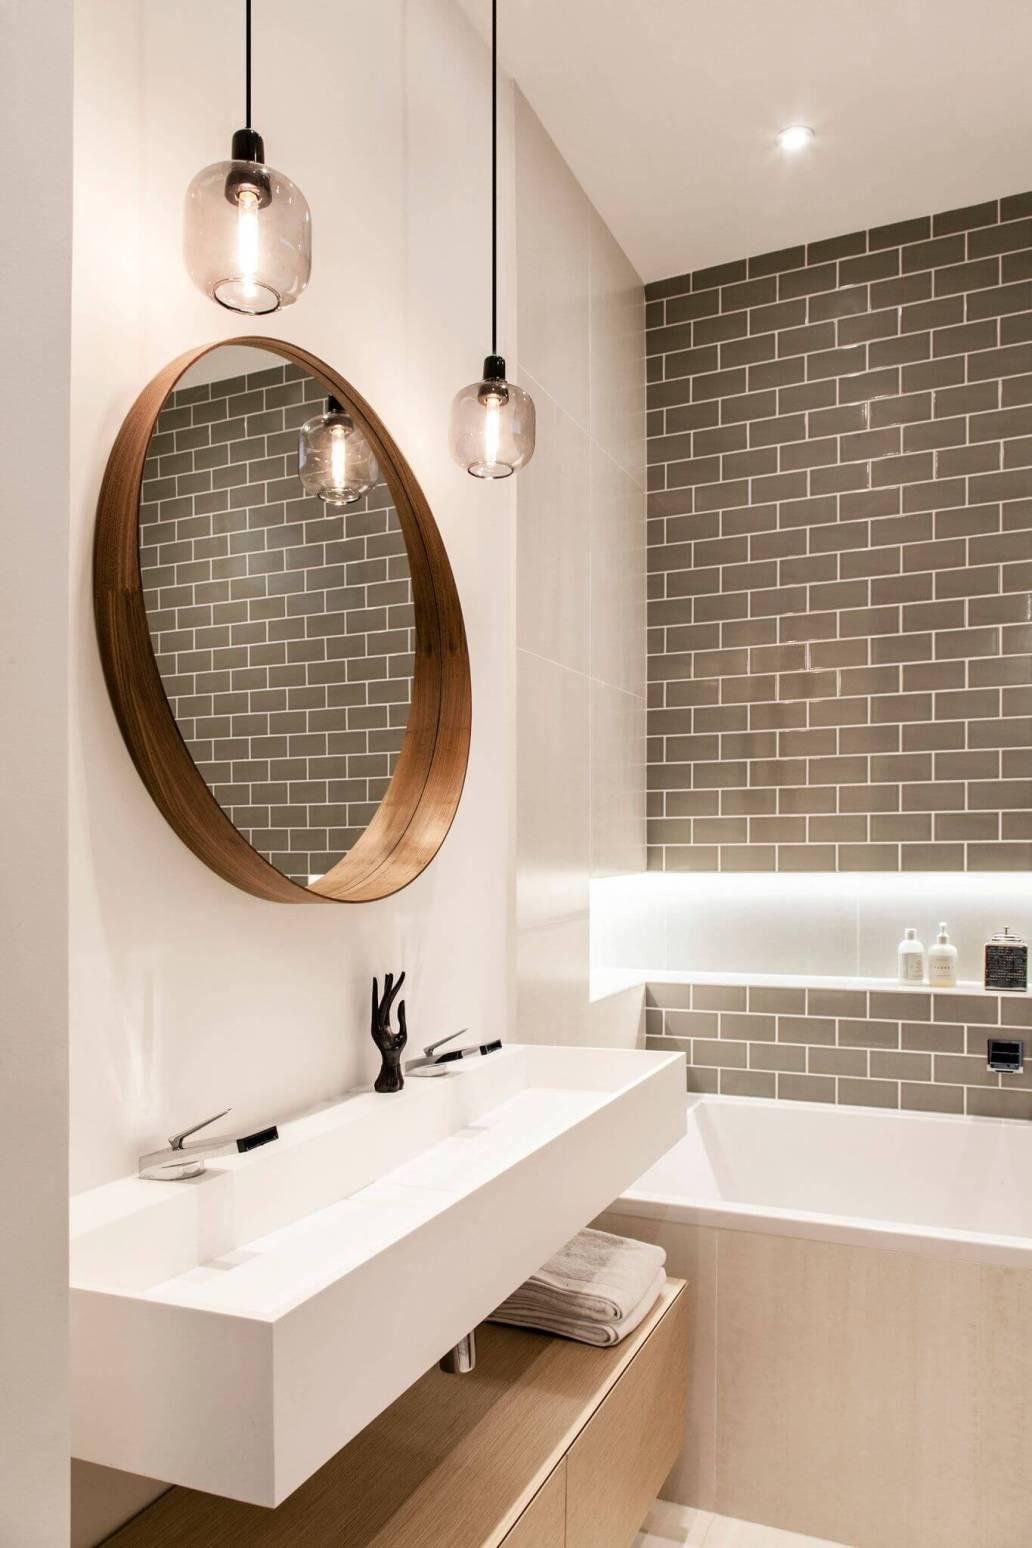 une salle de bain design en bois et couleurs naturelles - Comment optimiser le rangement dans la salle de bain ?